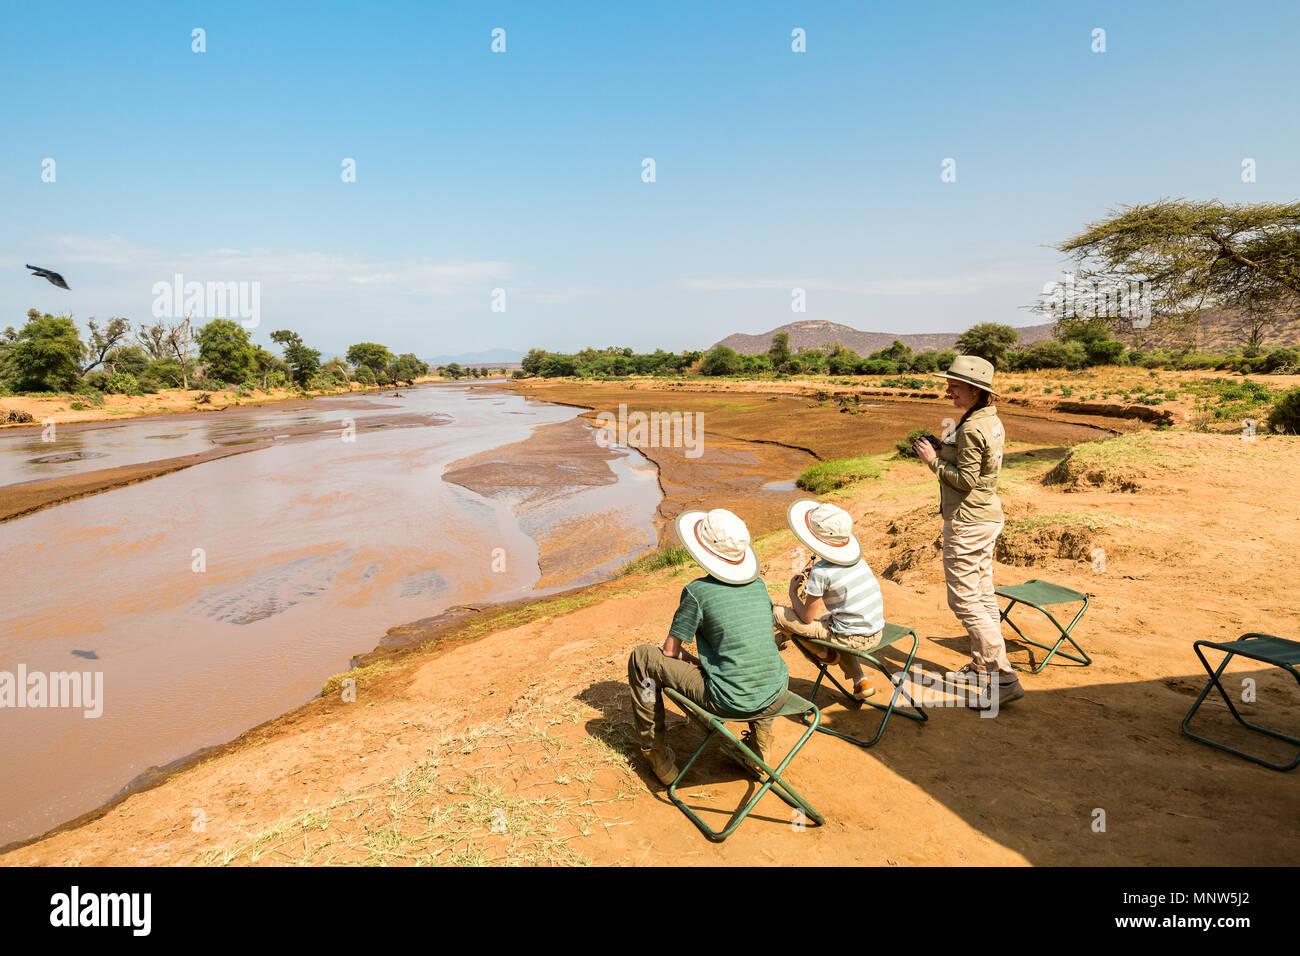 Familia de la madre y los niños en safari africano vacaciones disfrutando de las vistas del río Ewaso Nyiro en Samburu Kenia Imagen De Stock